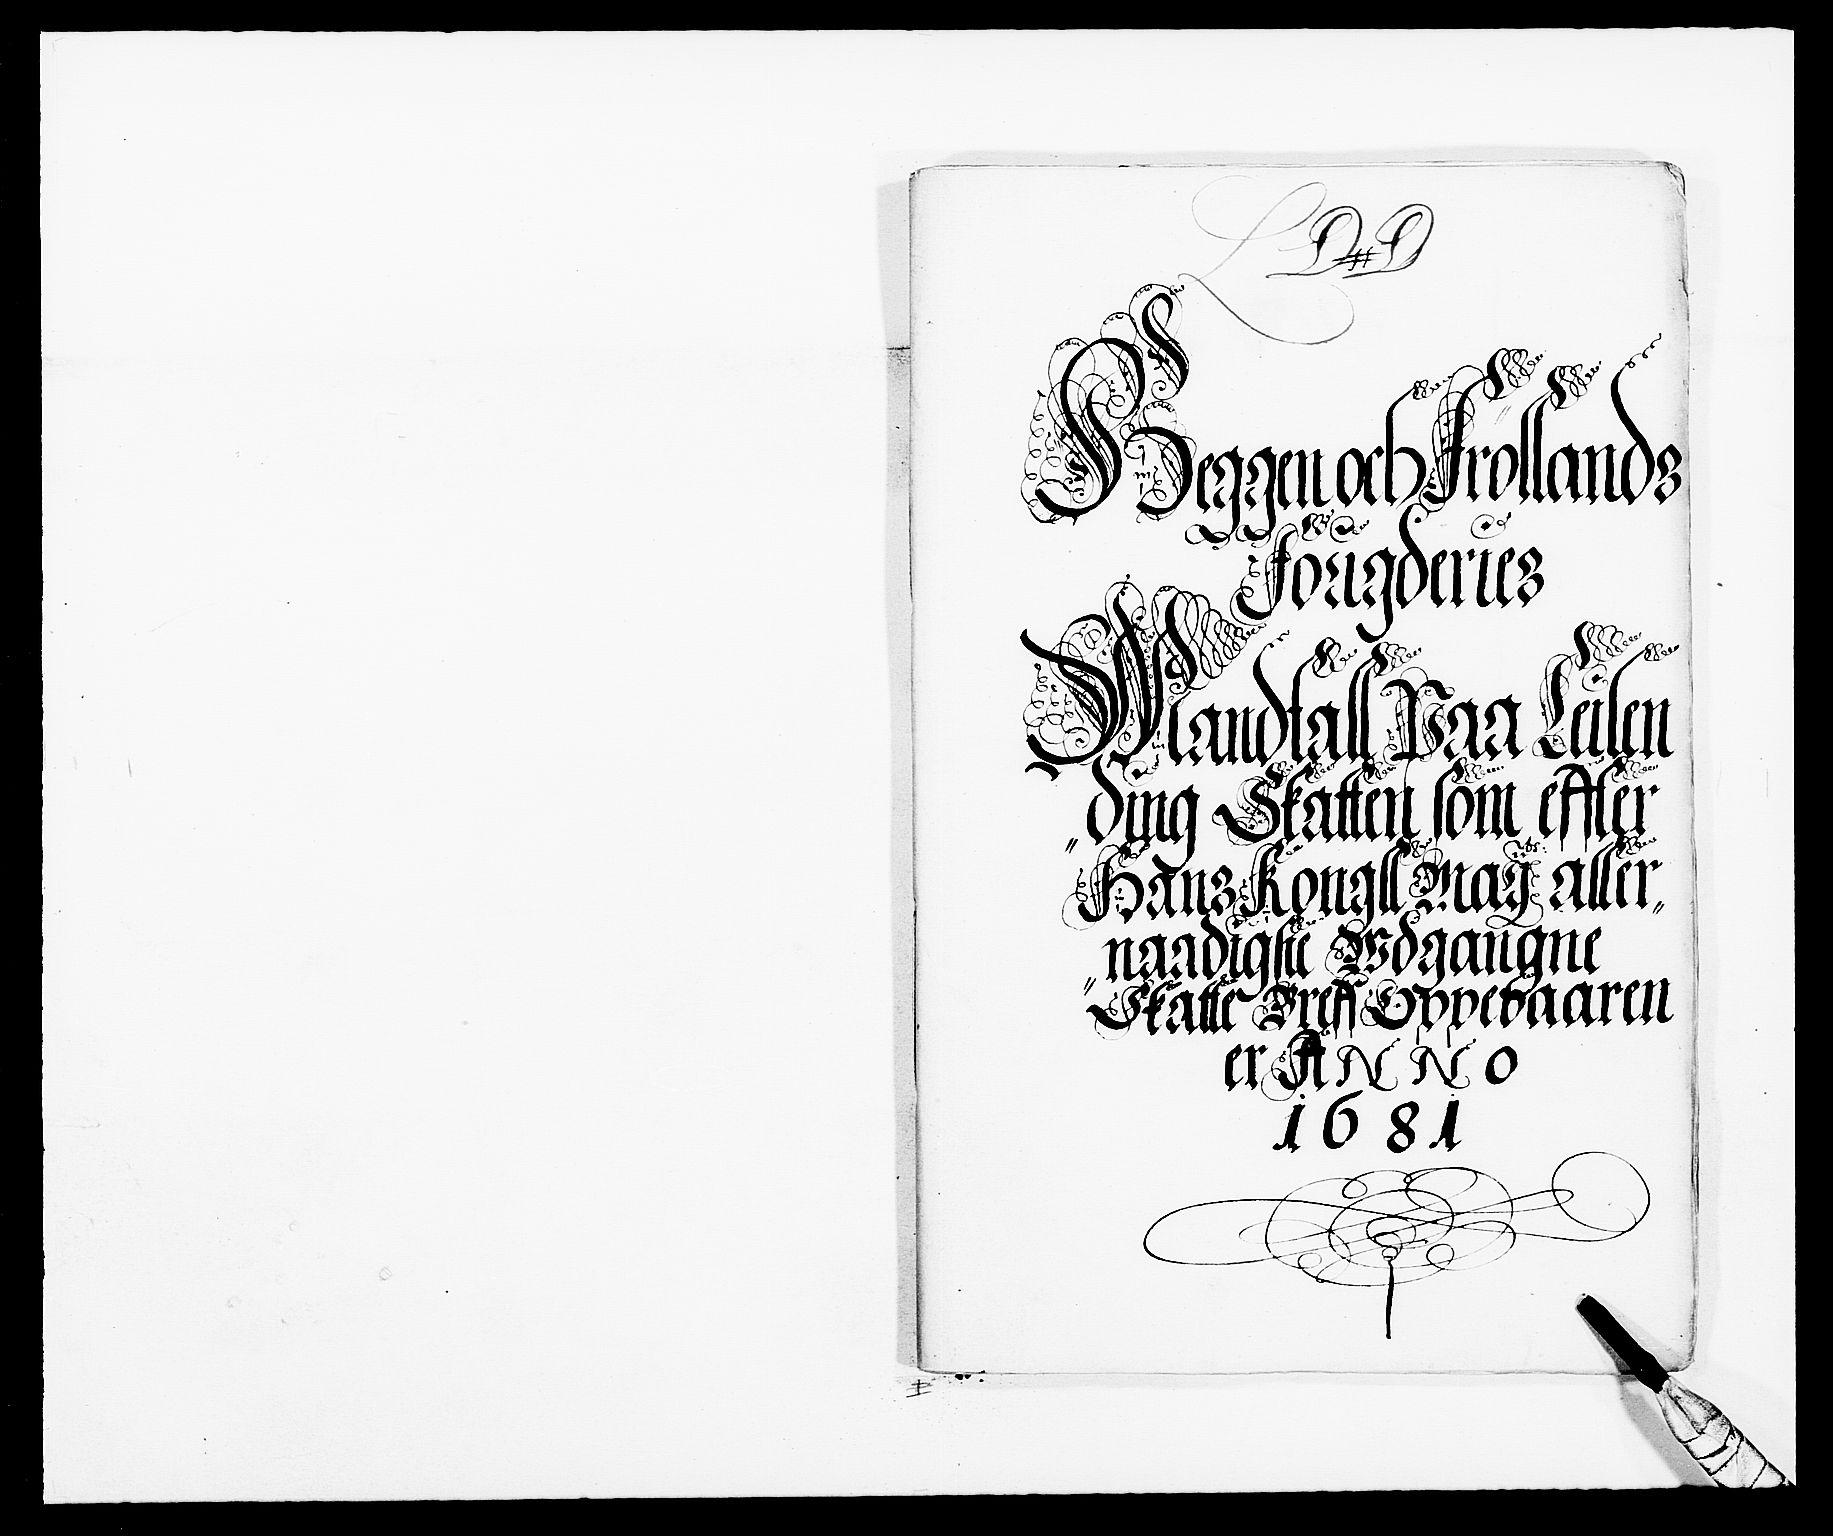 RA, Rentekammeret inntil 1814, Reviderte regnskaper, Fogderegnskap, R06/L0280: Fogderegnskap Heggen og Frøland, 1681-1684, s. 94